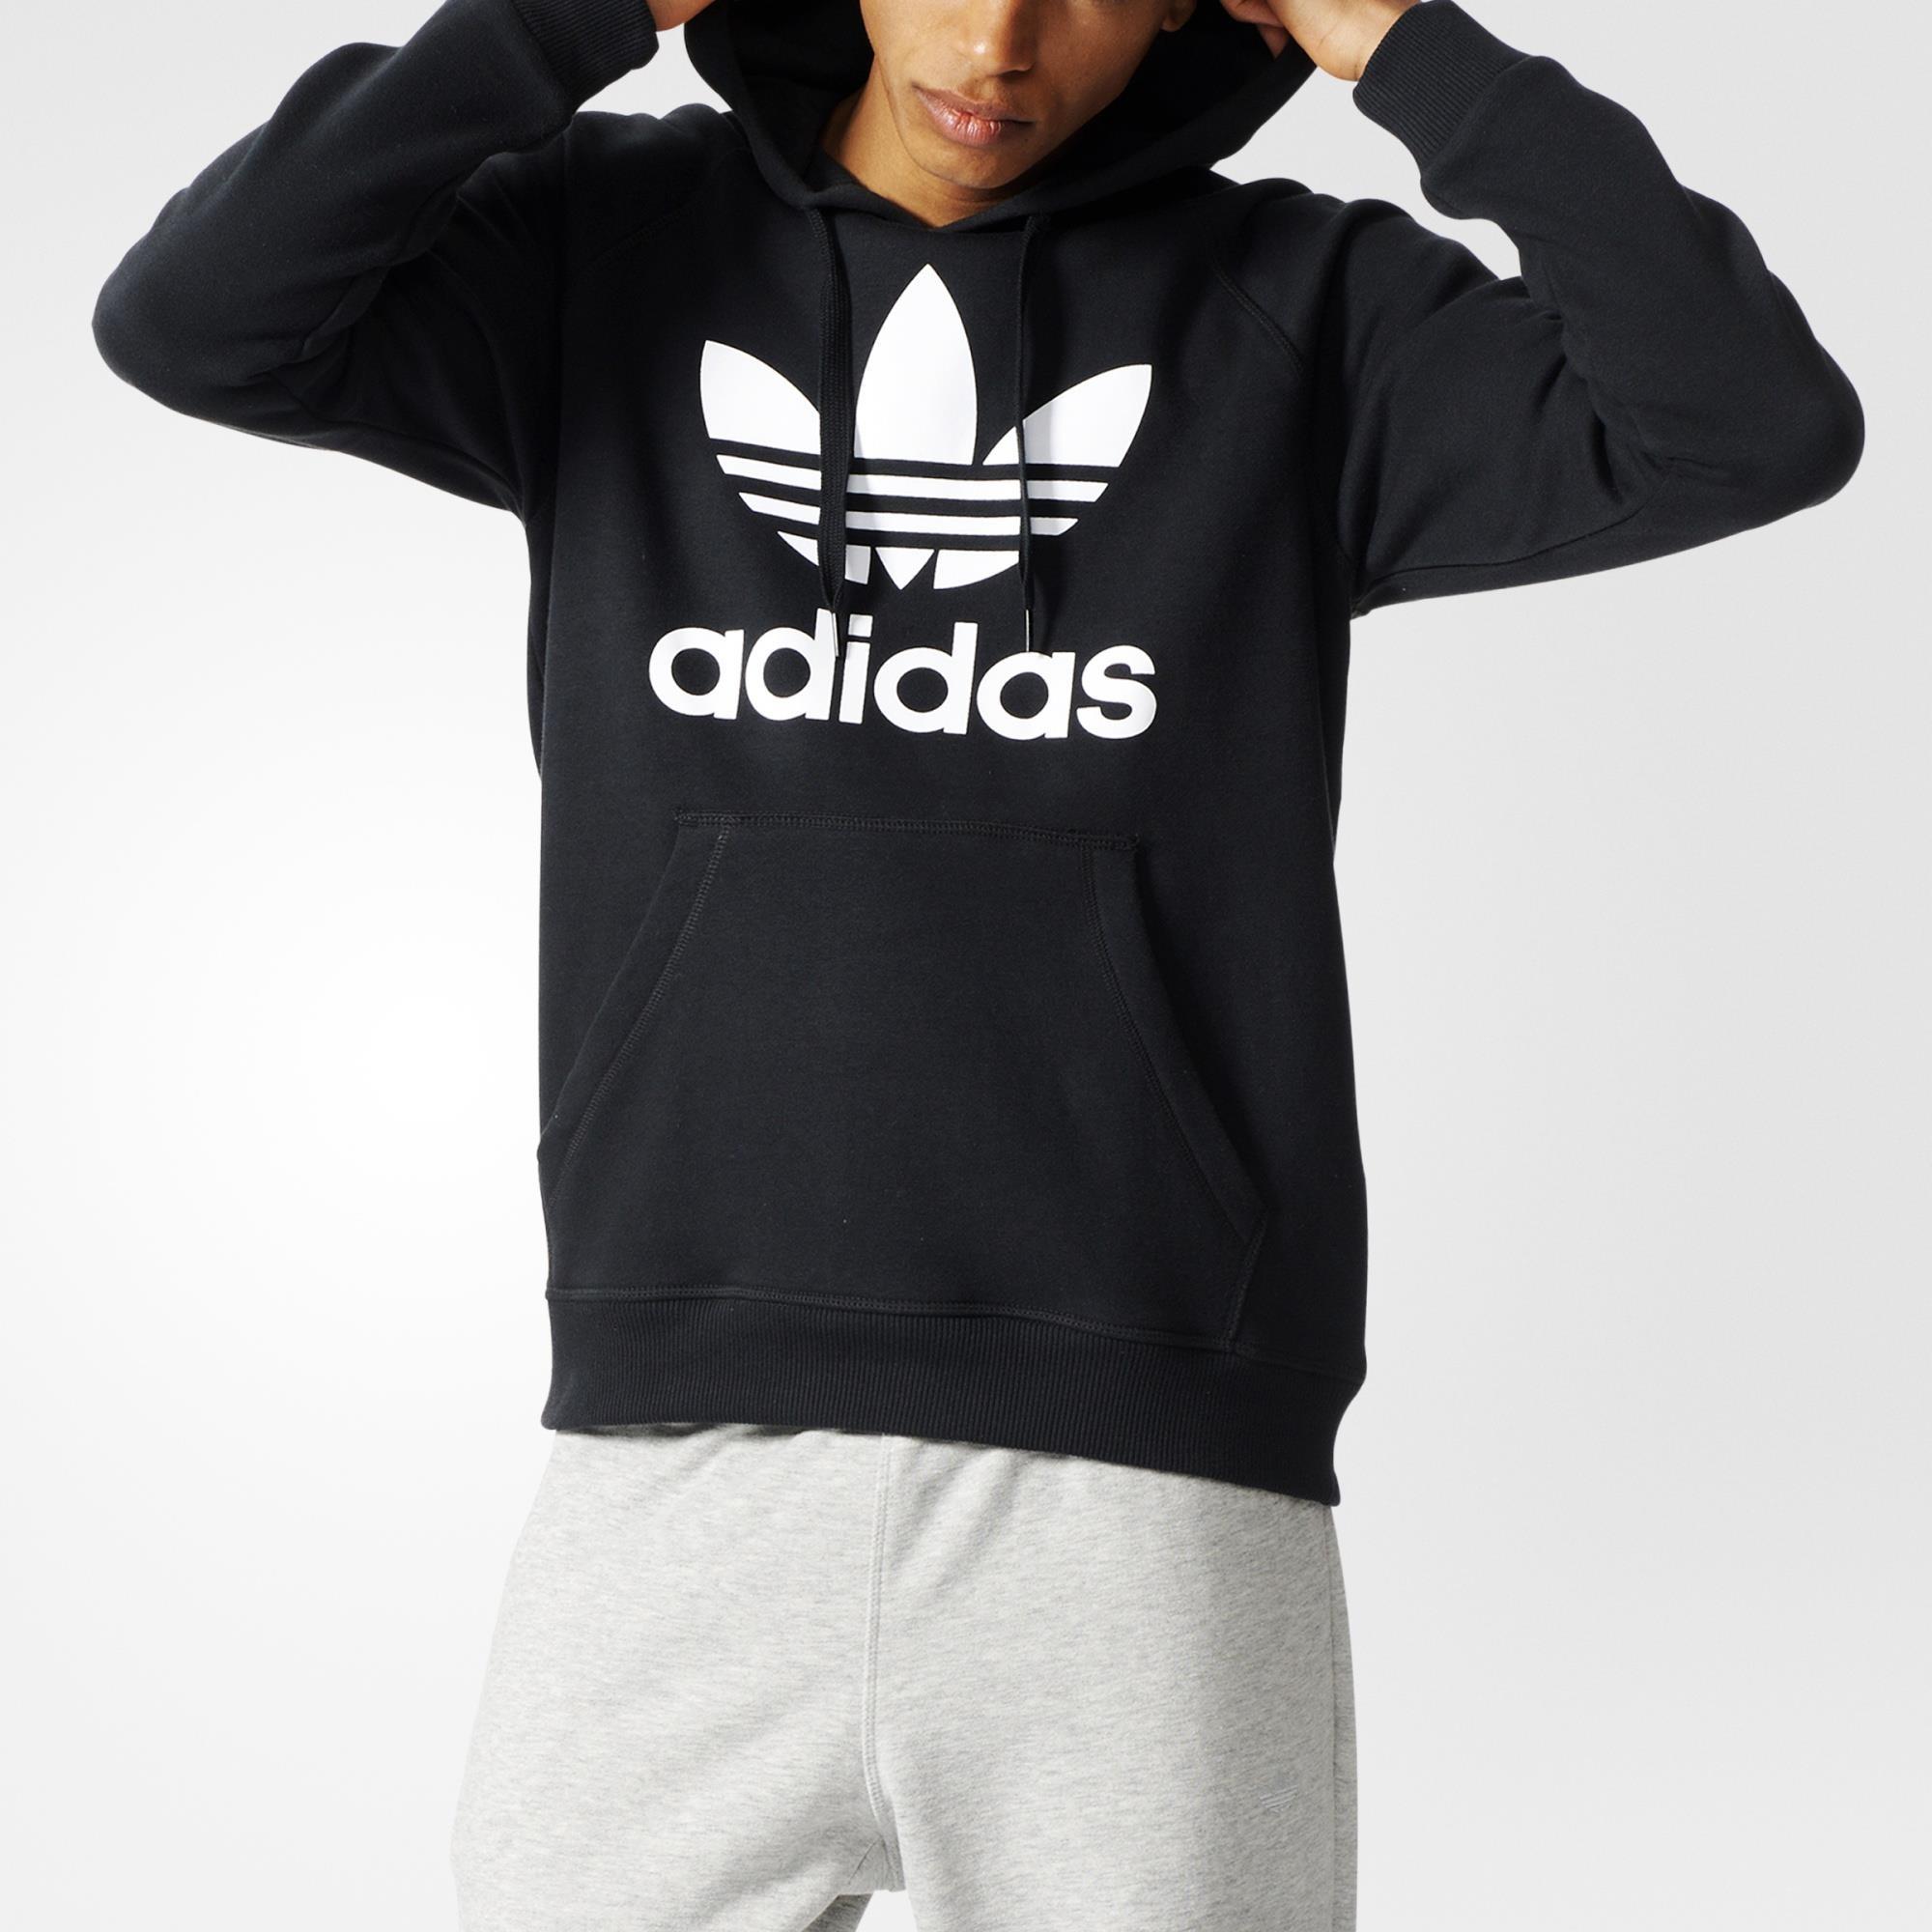 adidas Trefoil Hoodie Black | adidas US